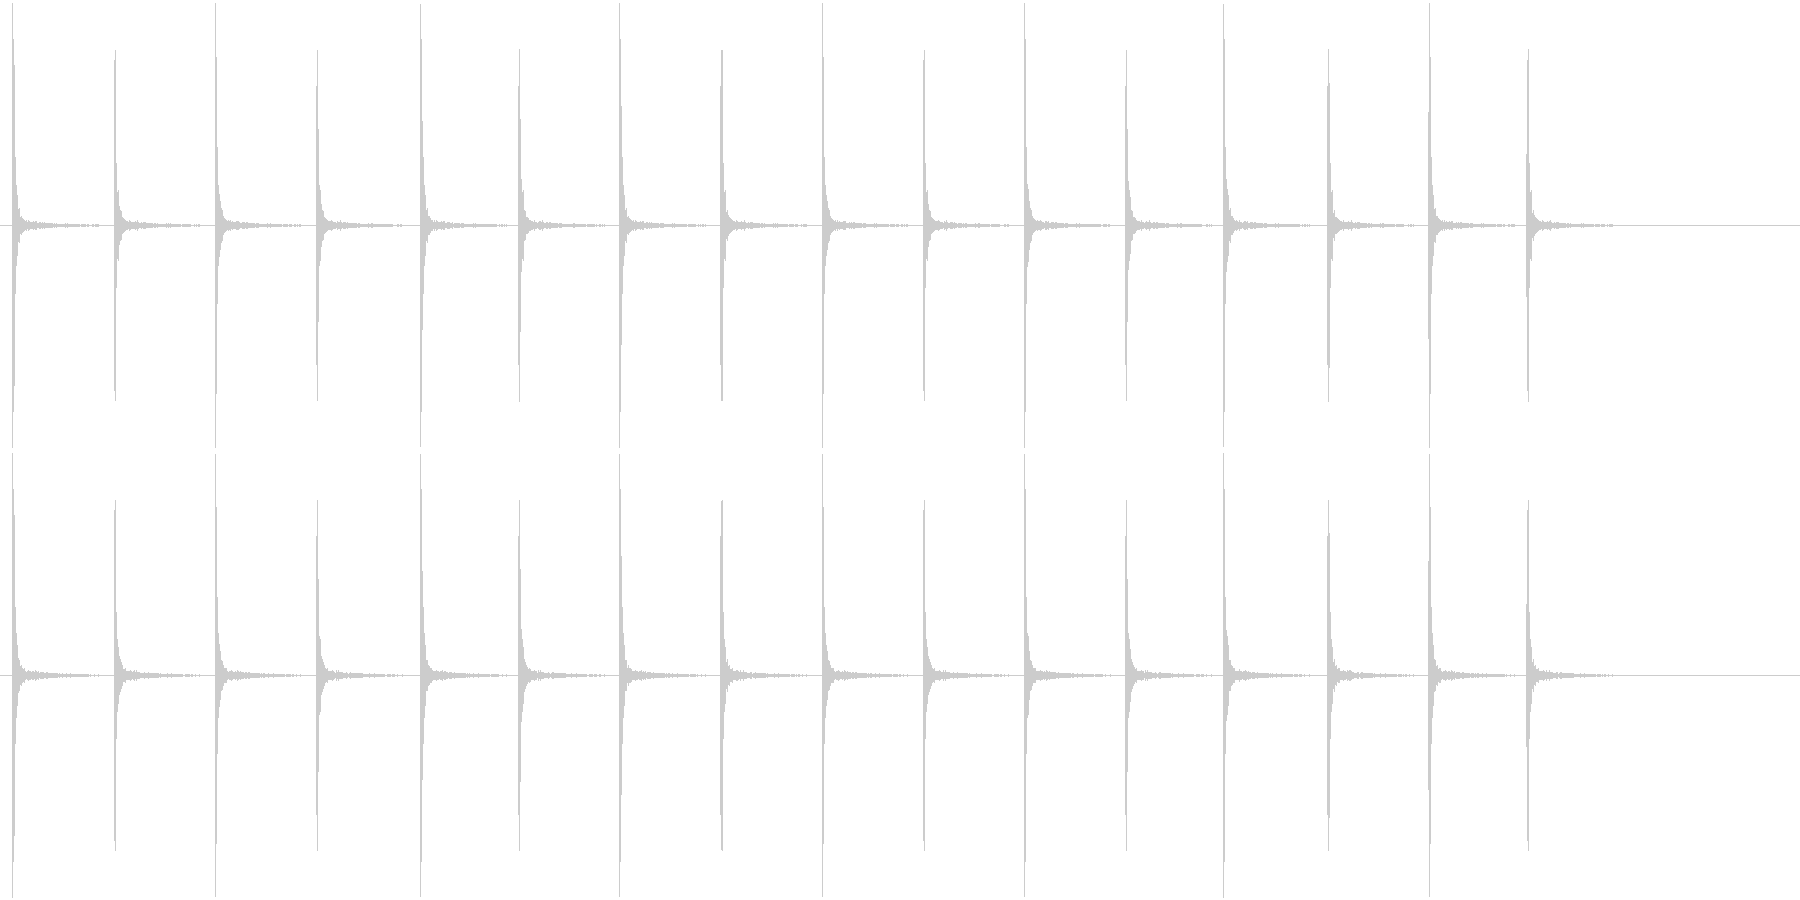 アンティークな時計の音(ループ可能)の未再生の波形